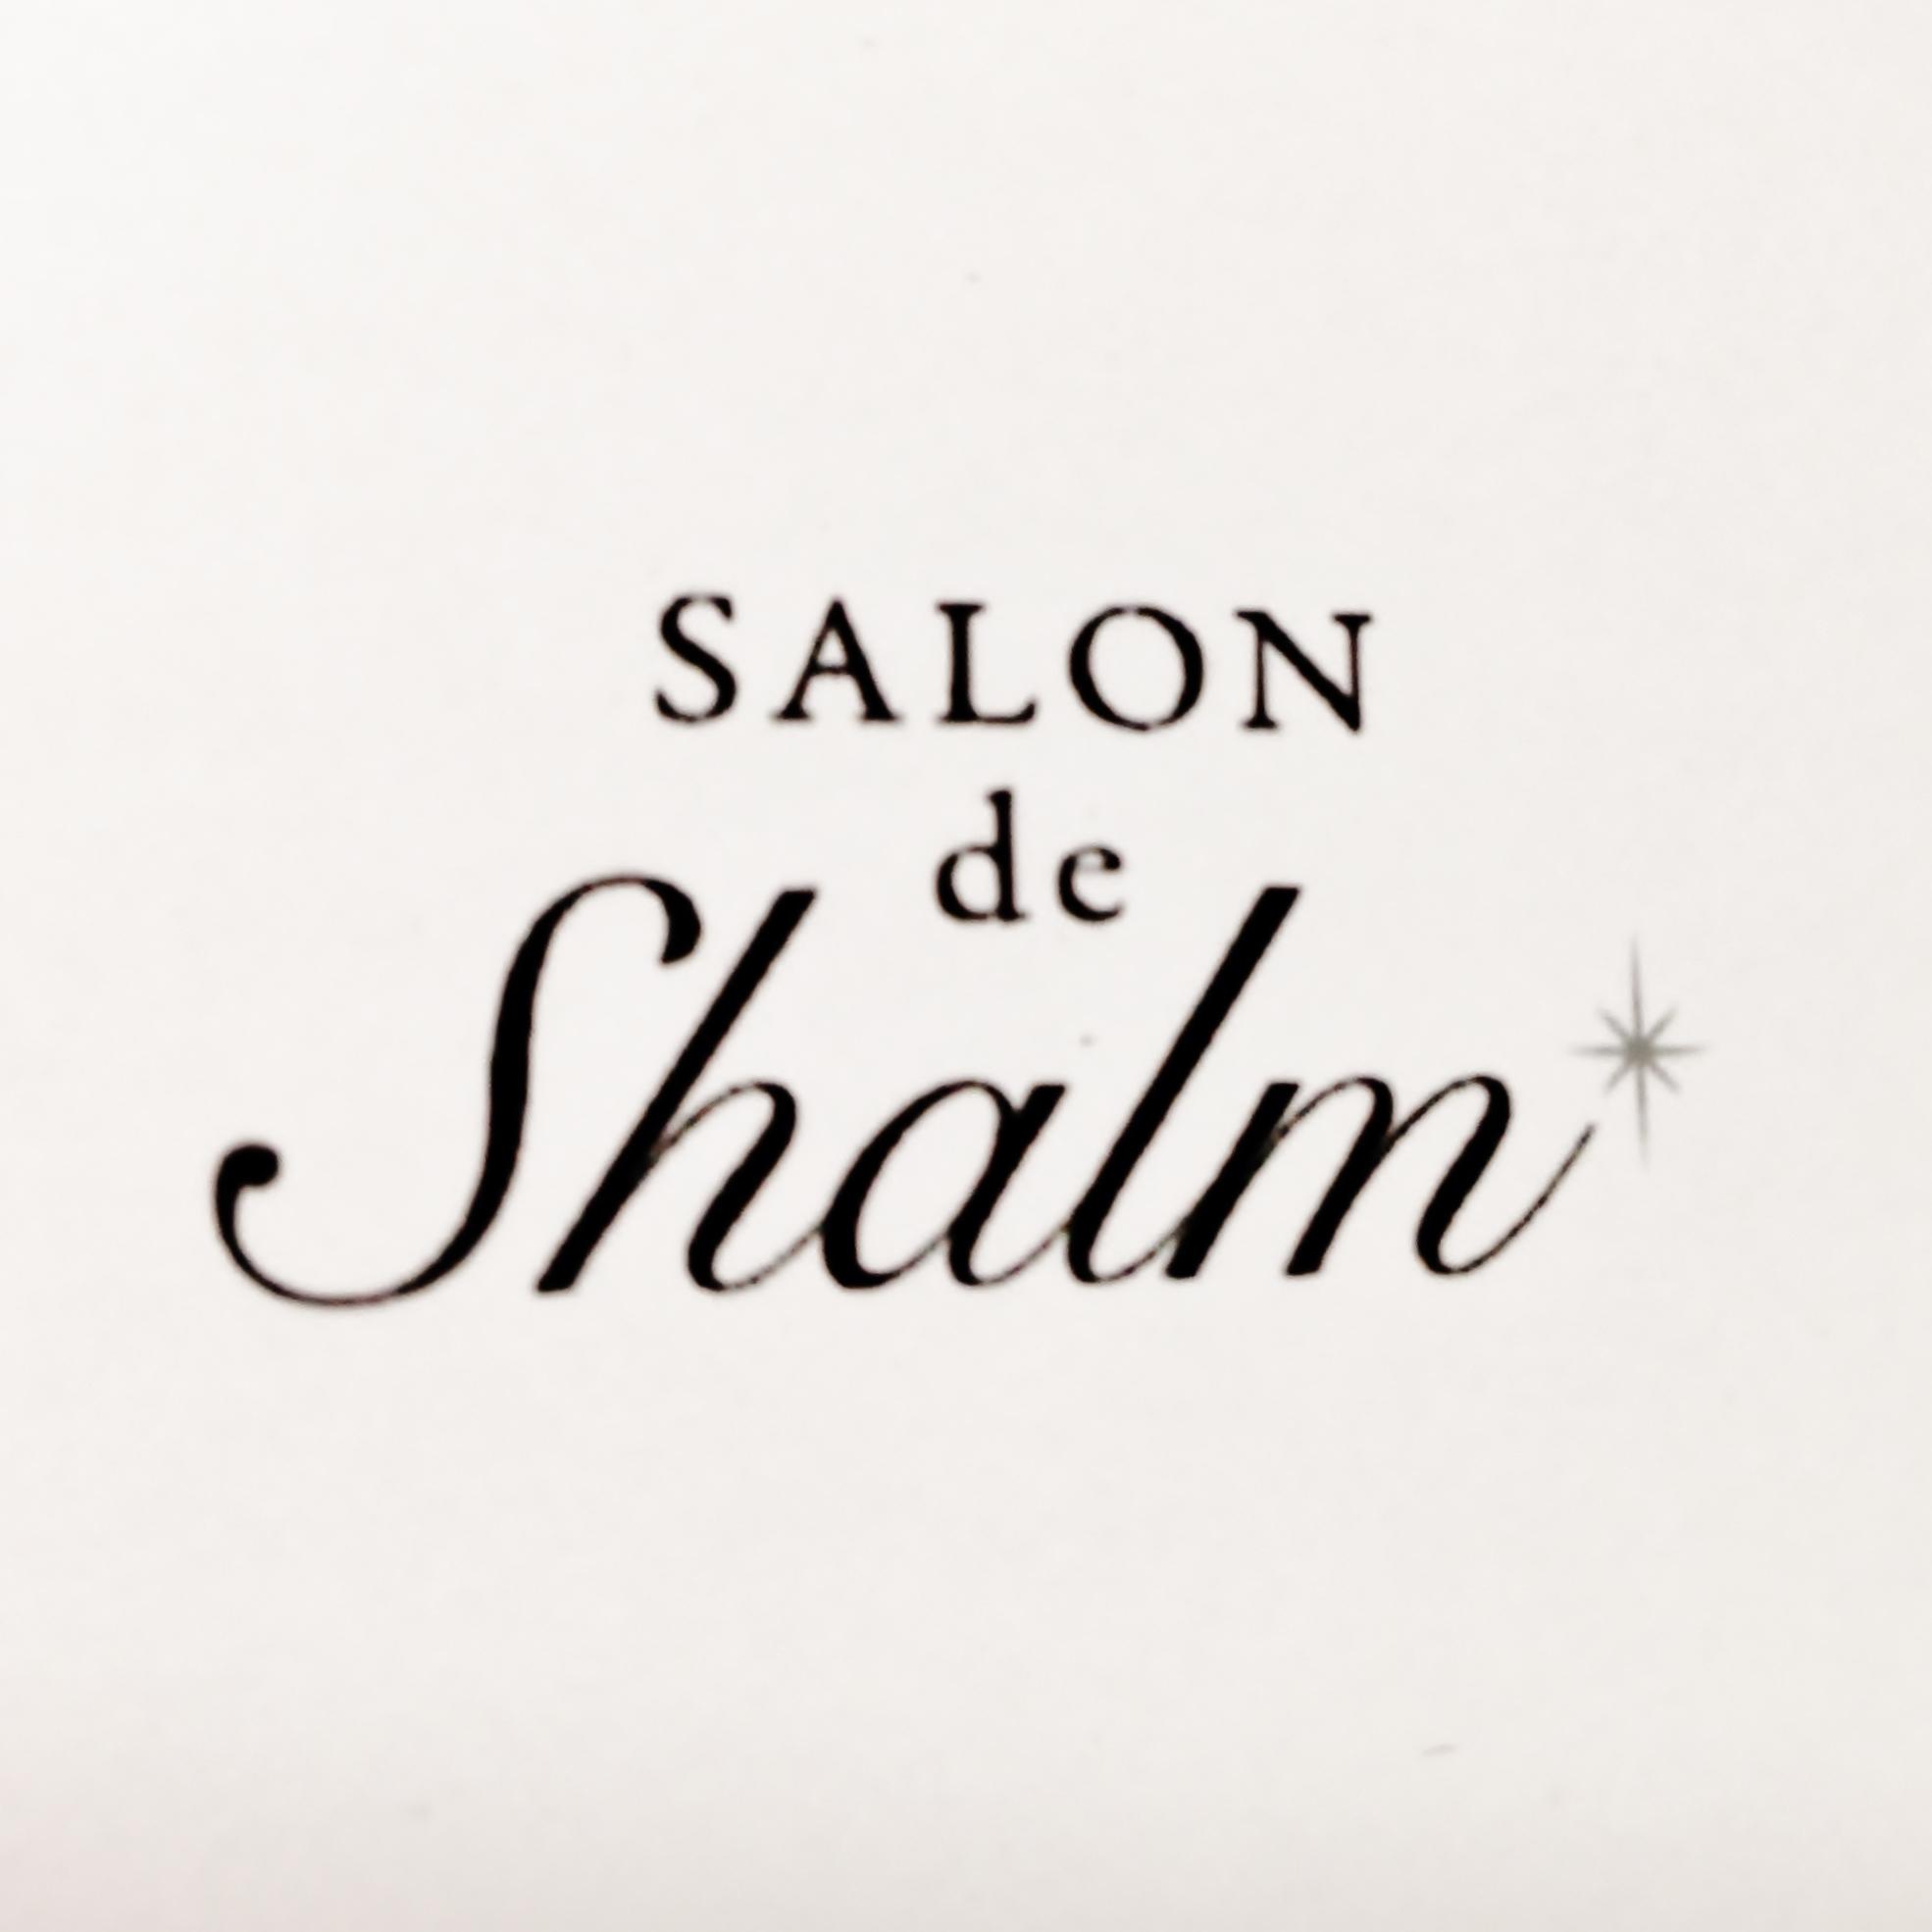 SALON de Shalm